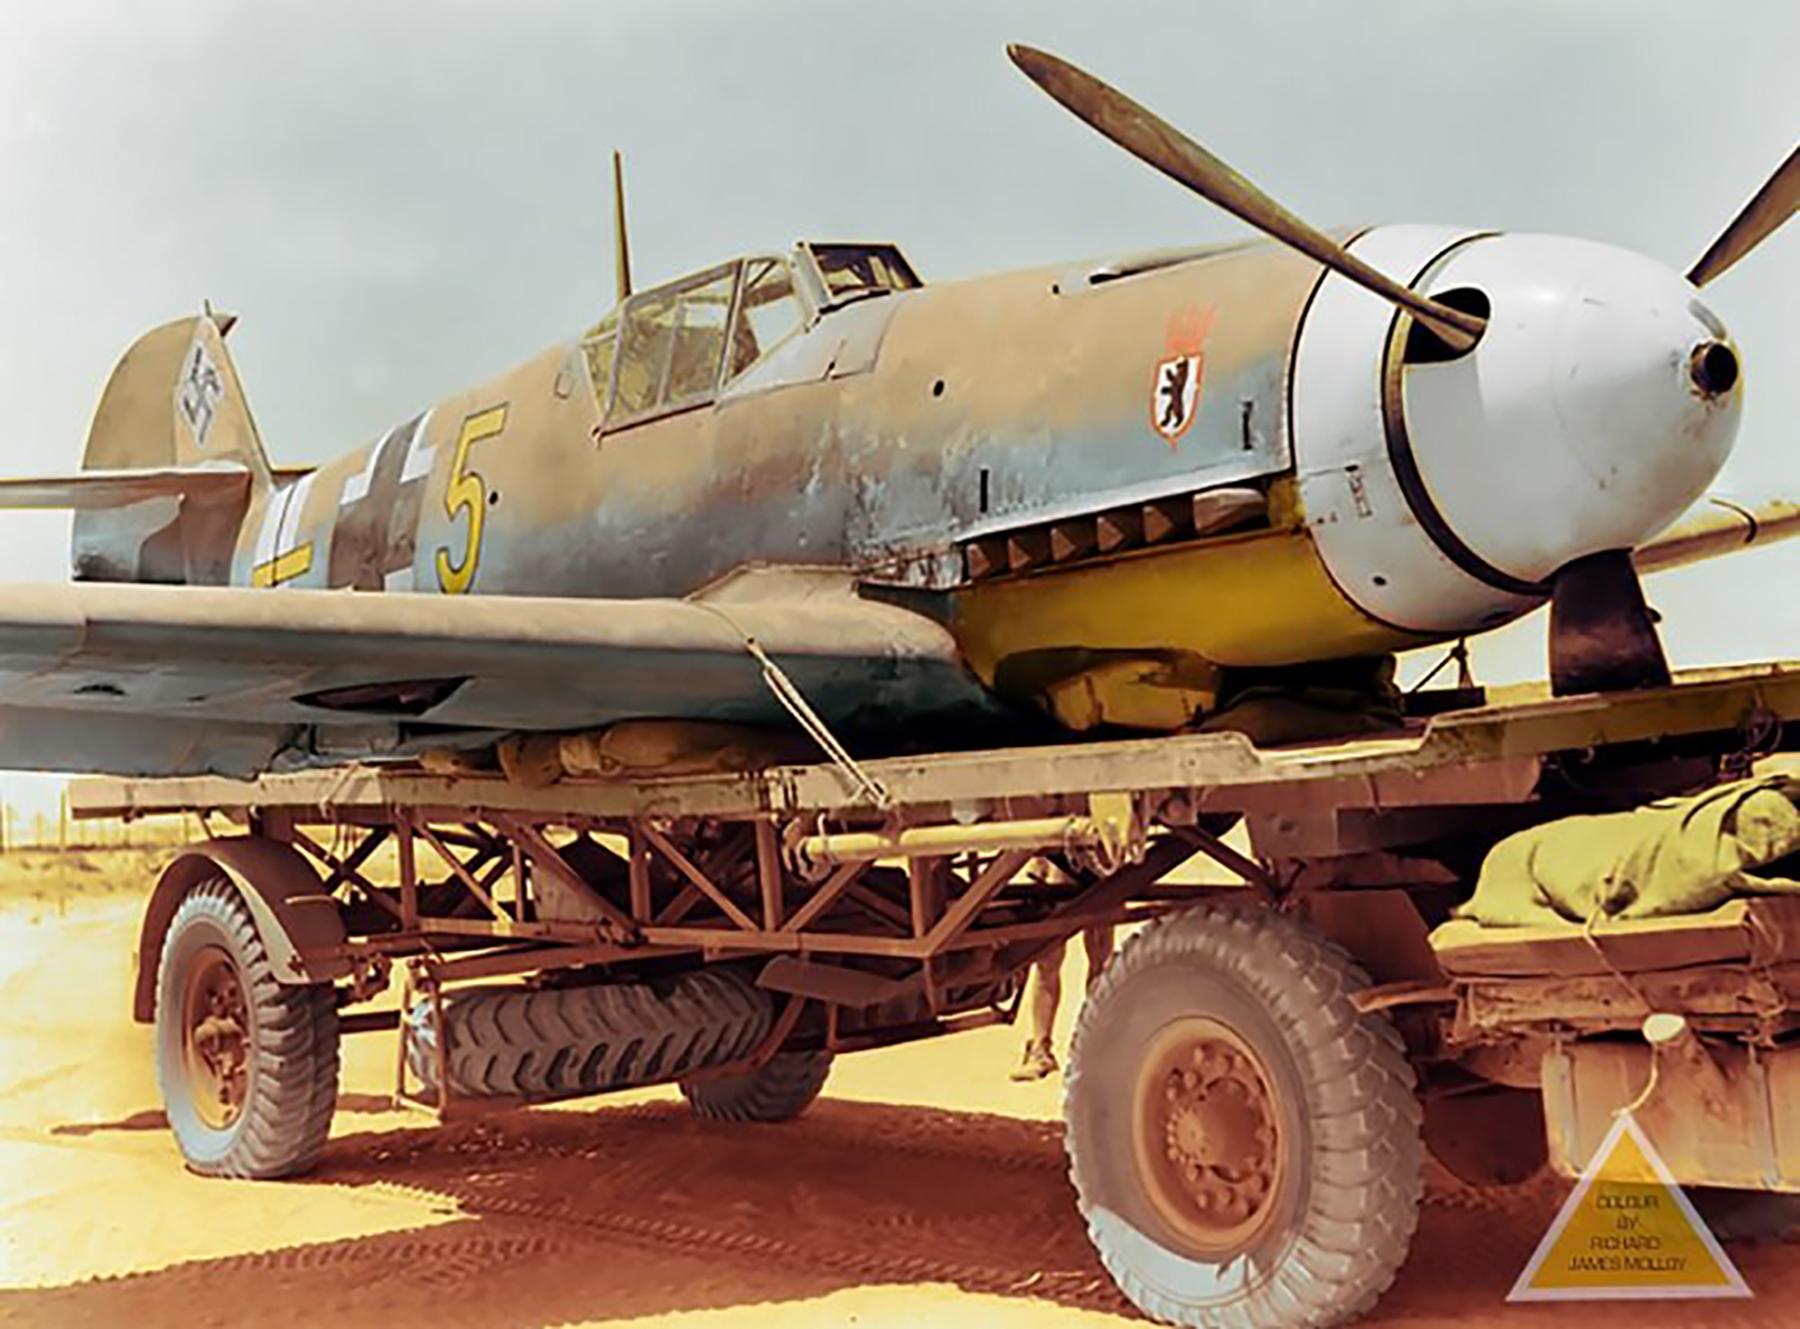 Messerschmitt Bf 109F4Trop 6.JG27 Yellow 5 Gerhard Mix WNr 10074 Egypt 14 Aug 1942 01